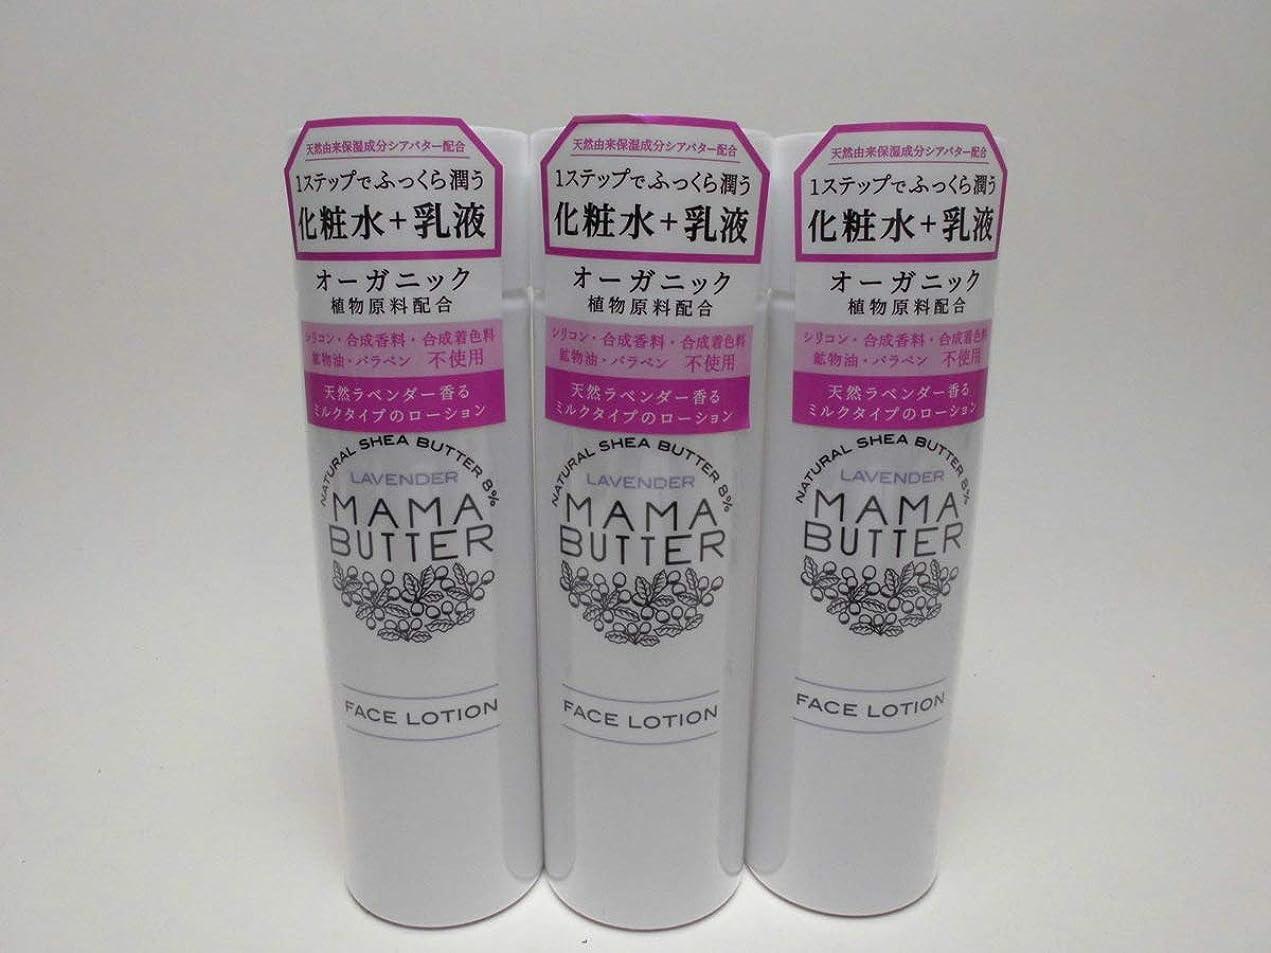 リール屈辱する普及【3個セット】ママバター 化粧水 フェイスローション 200ml 定価1620円